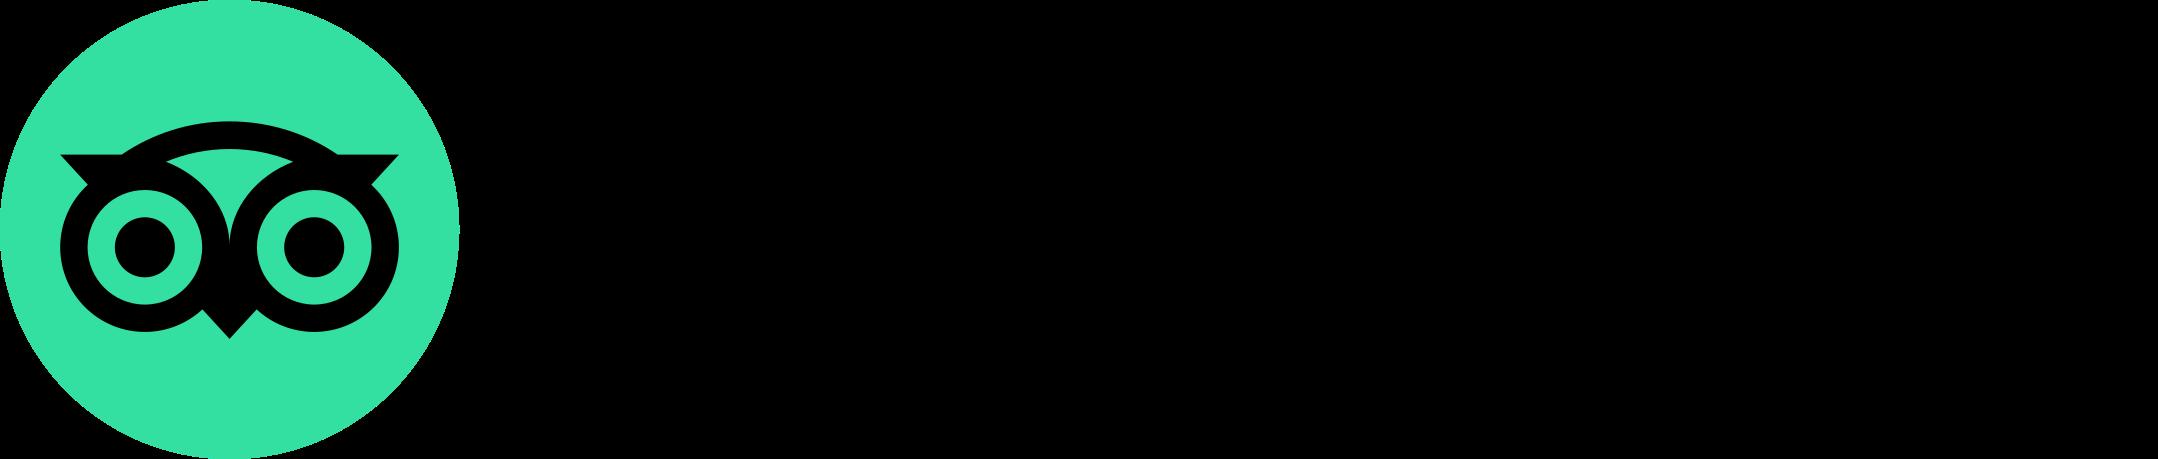 tripadvisor logo 1 1 - TripAdvisor Logo